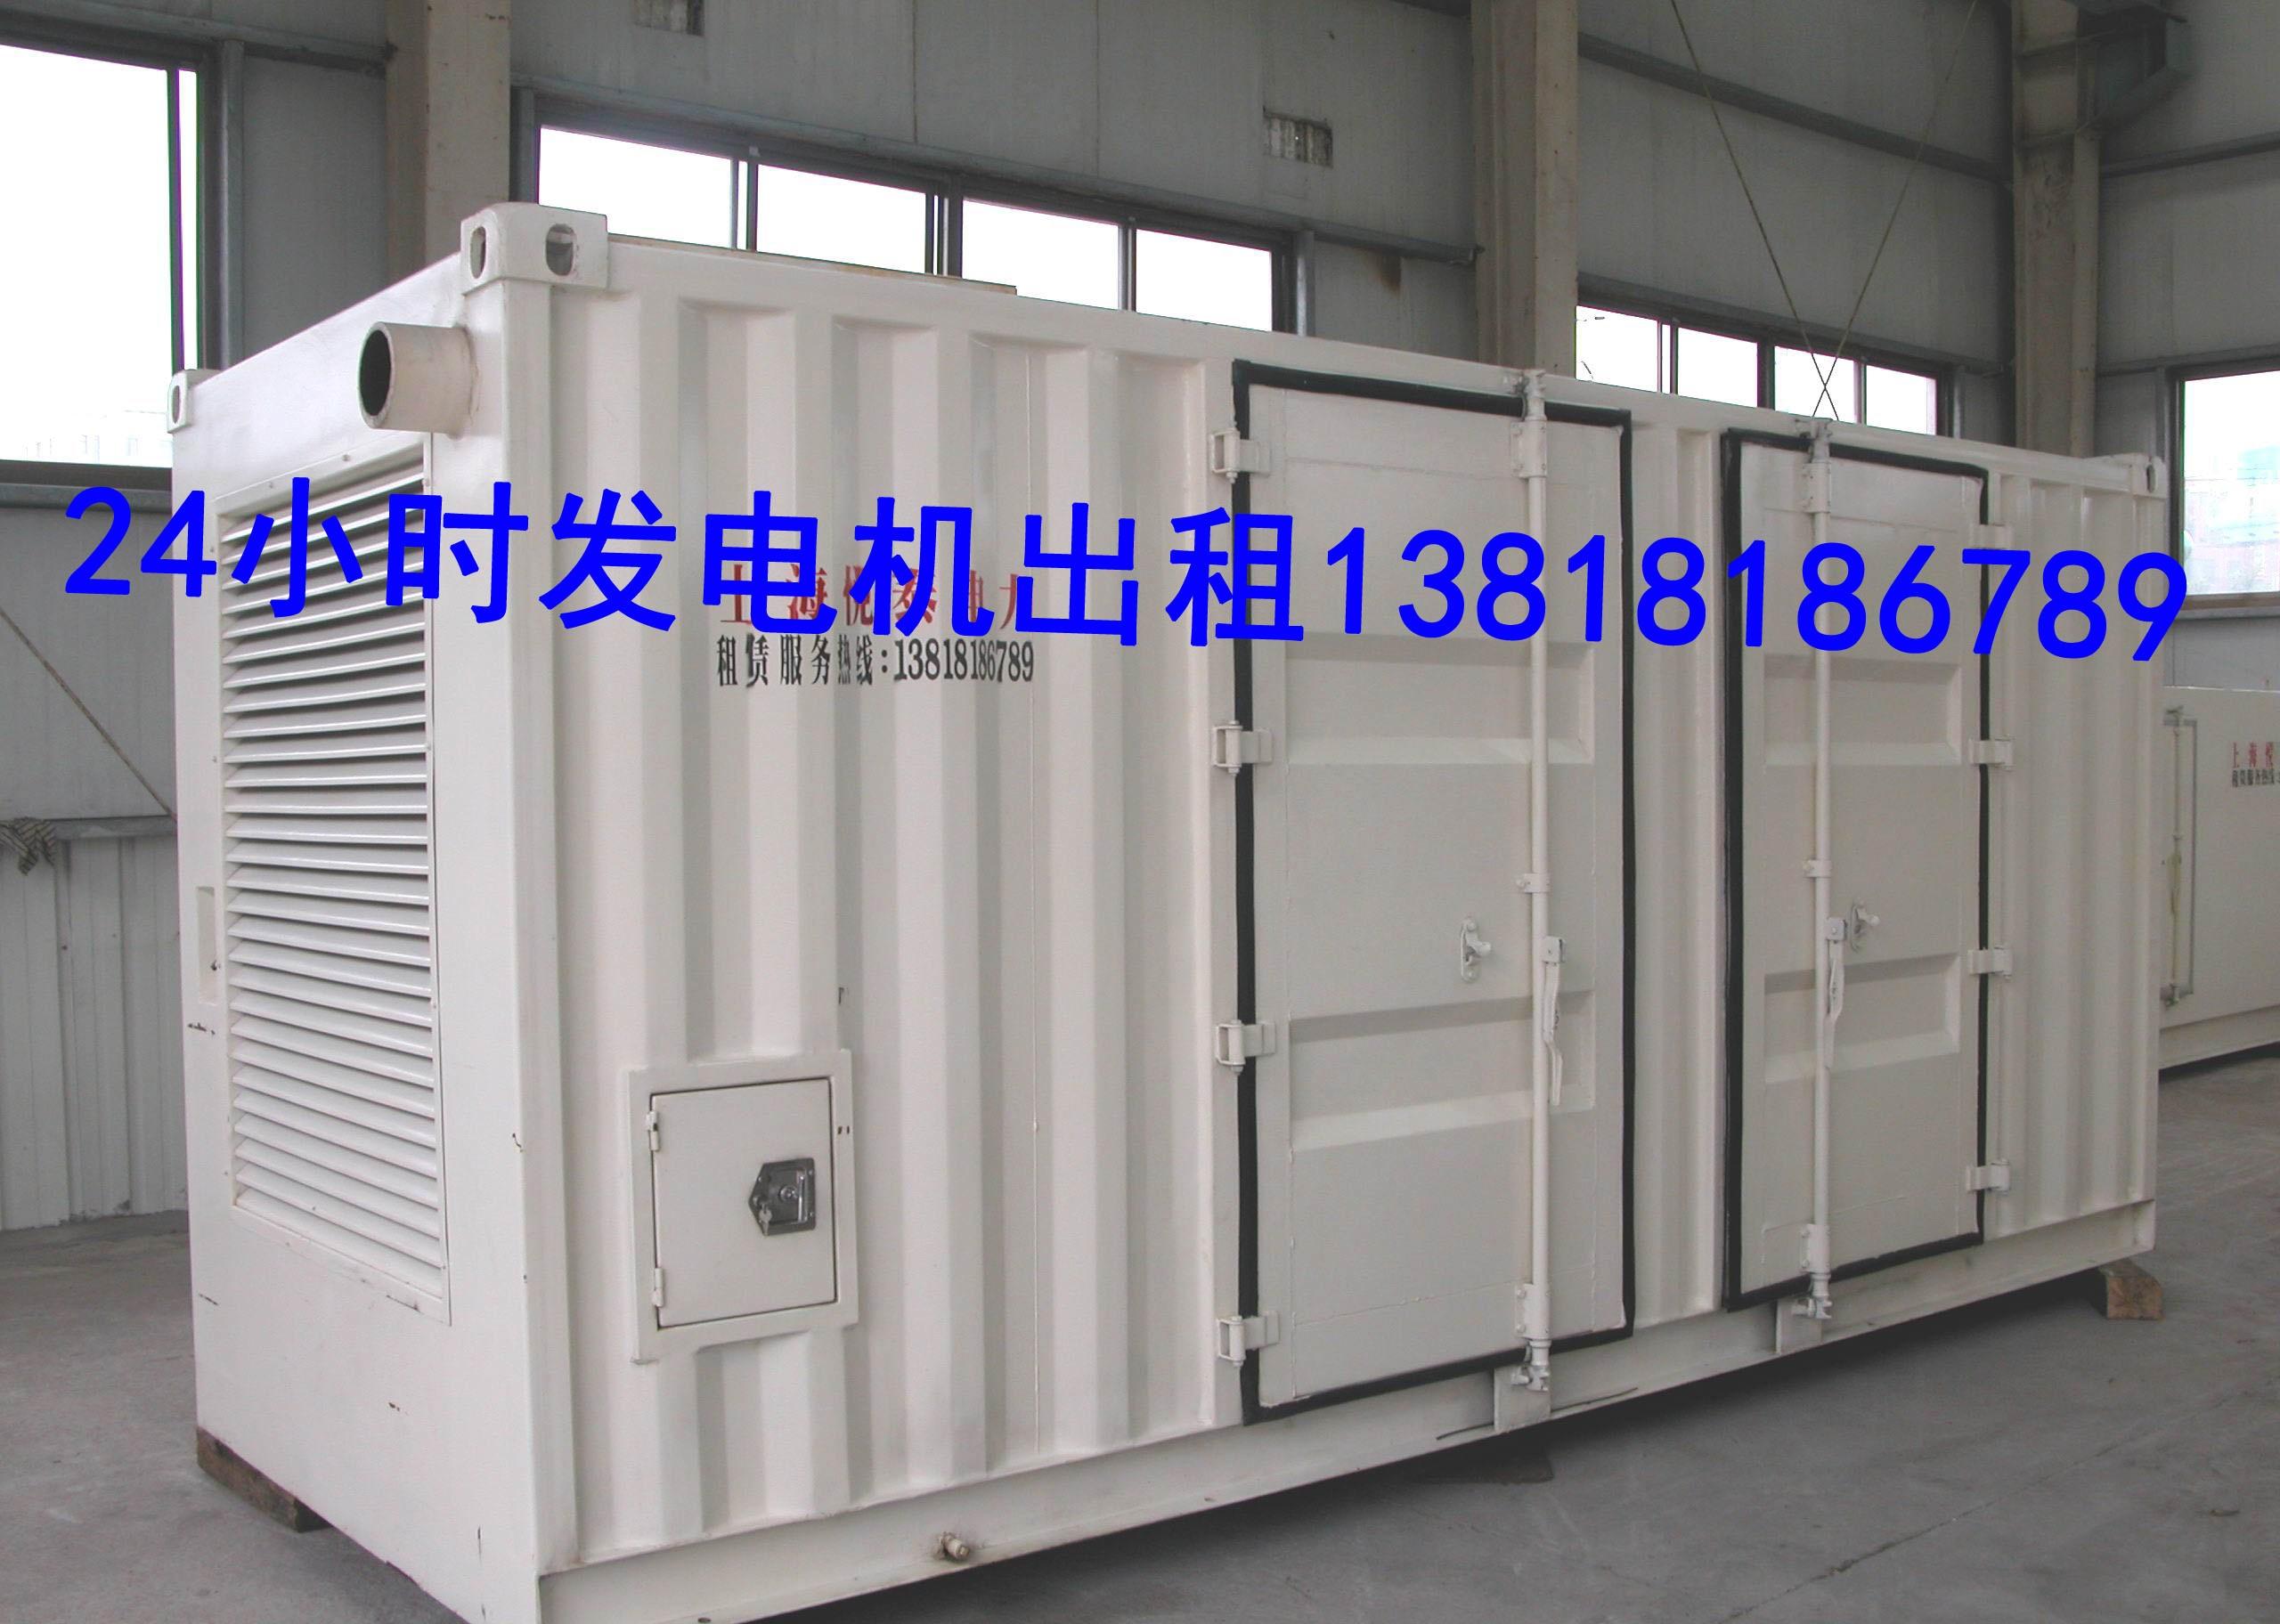 上海发电机出租,上海出租发电机